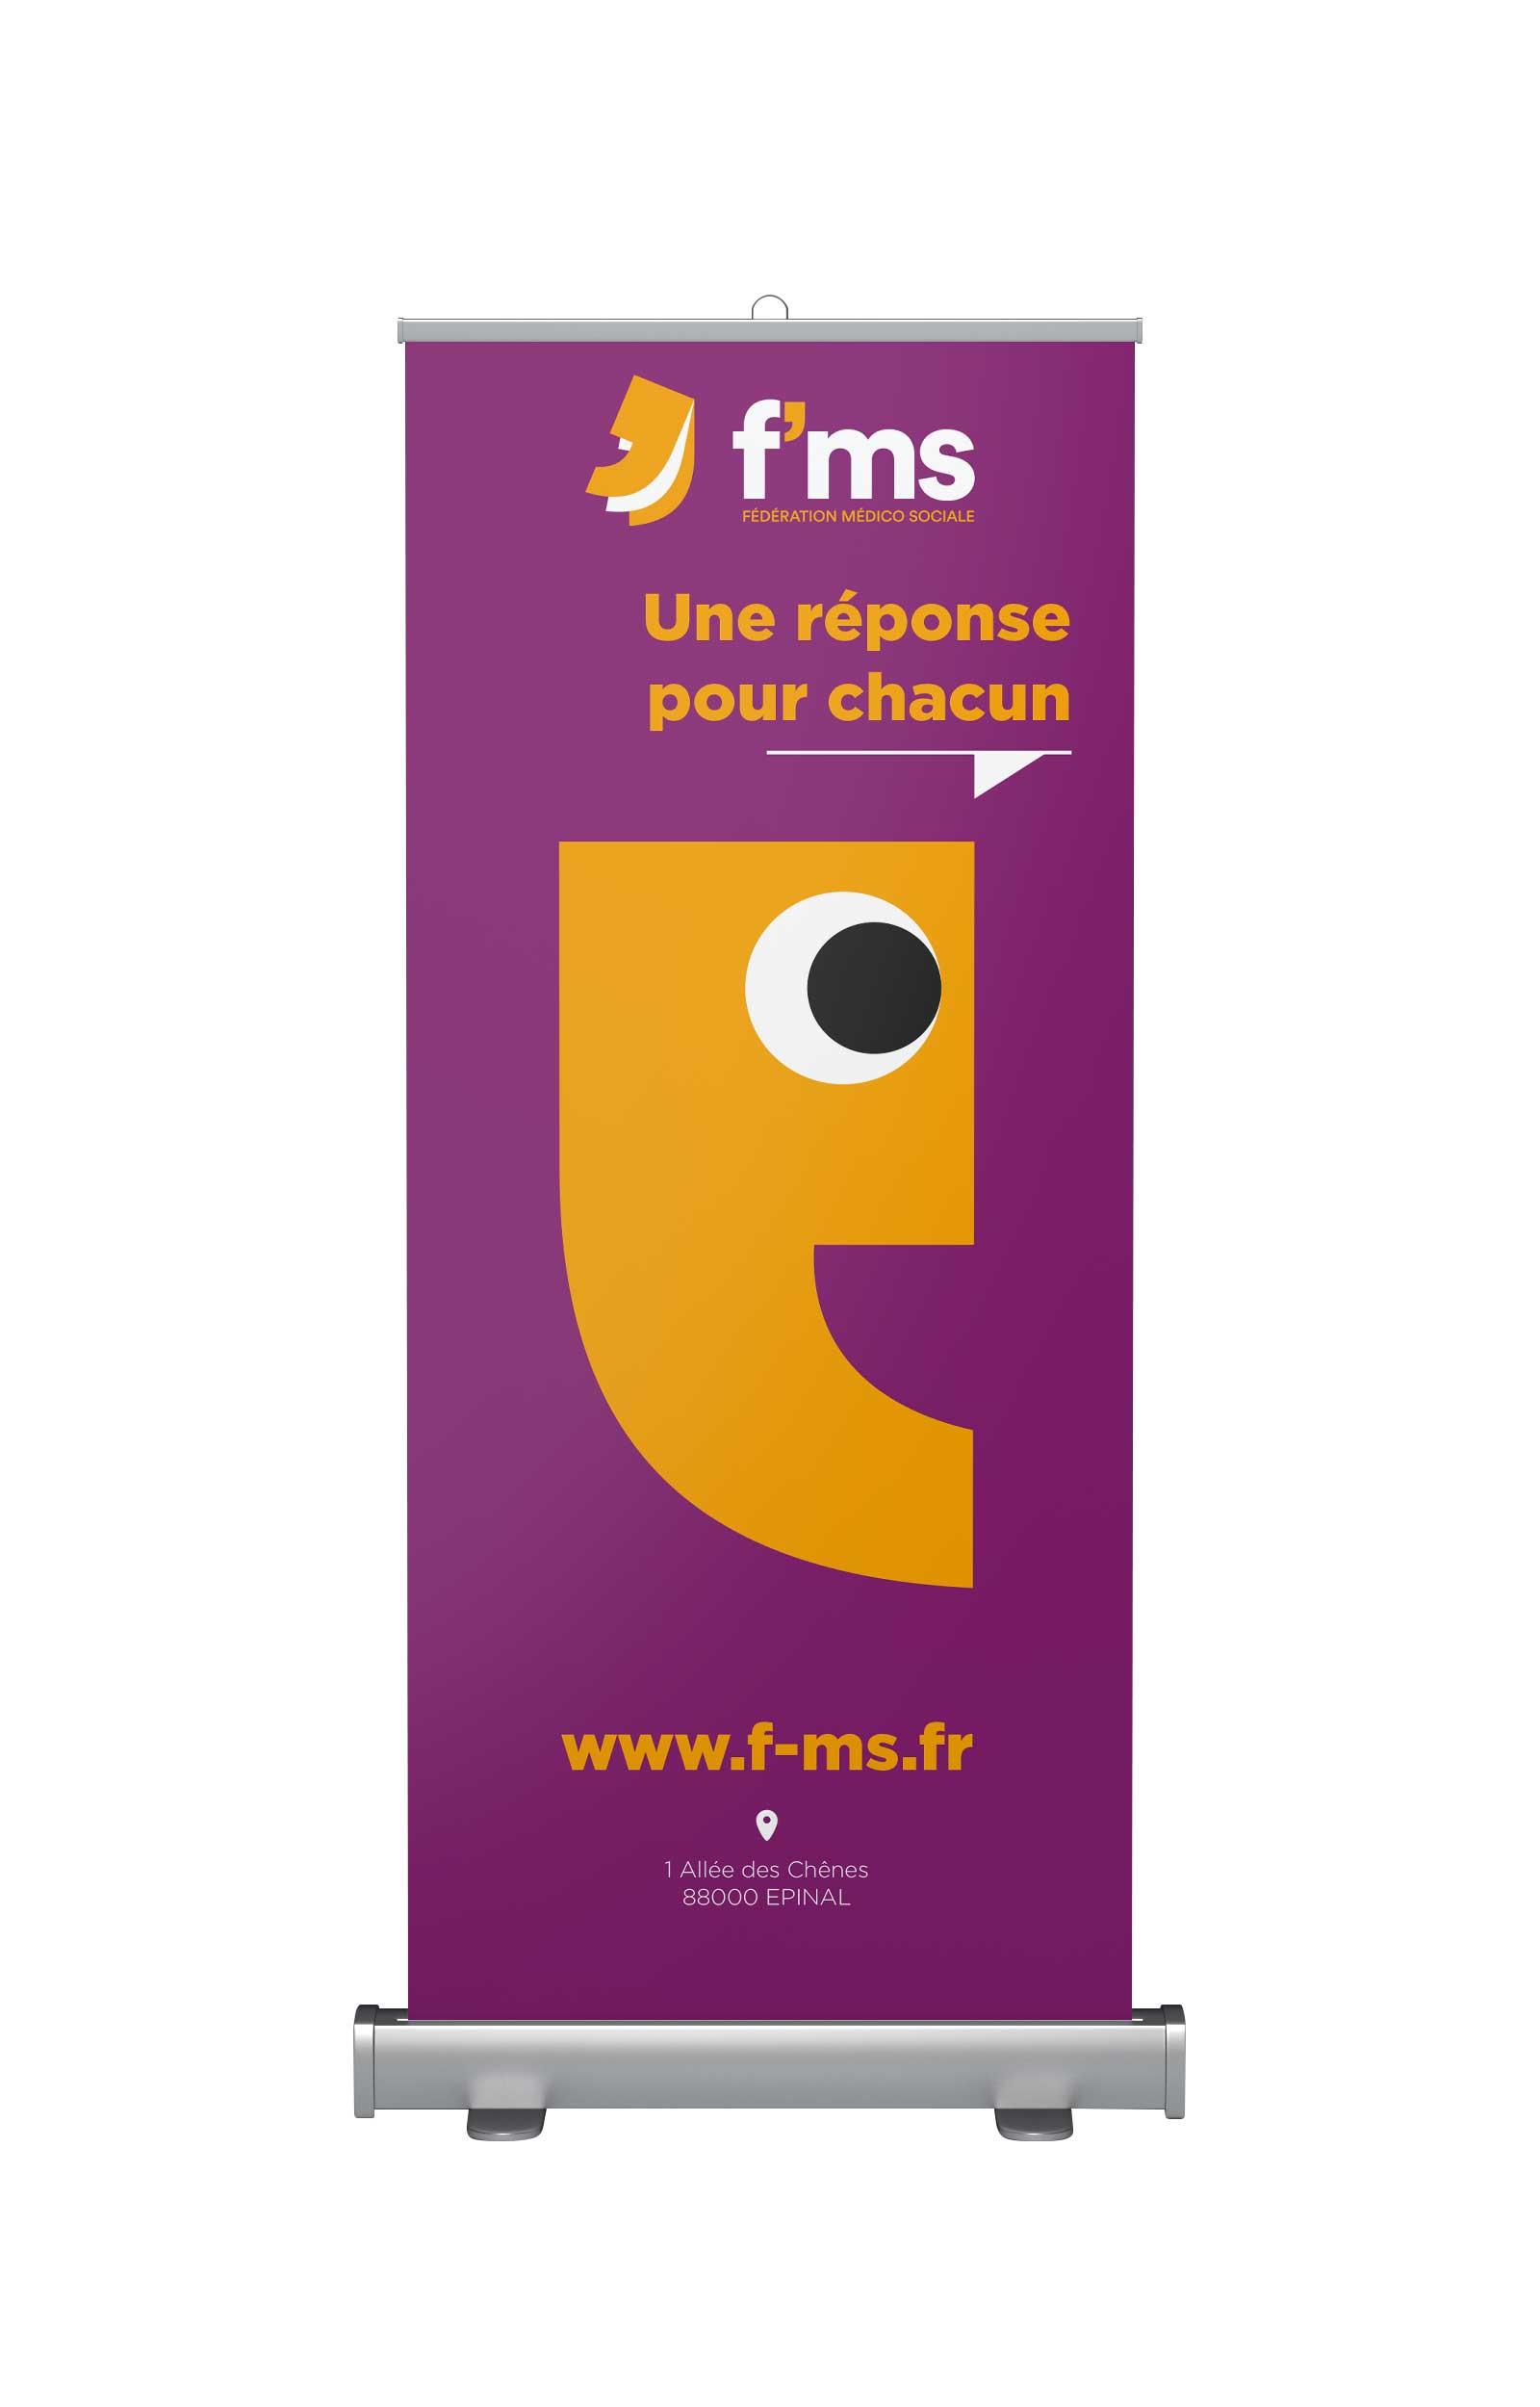 lezardscreation agence communication publicite vosges remiremont fms fms rollup front x